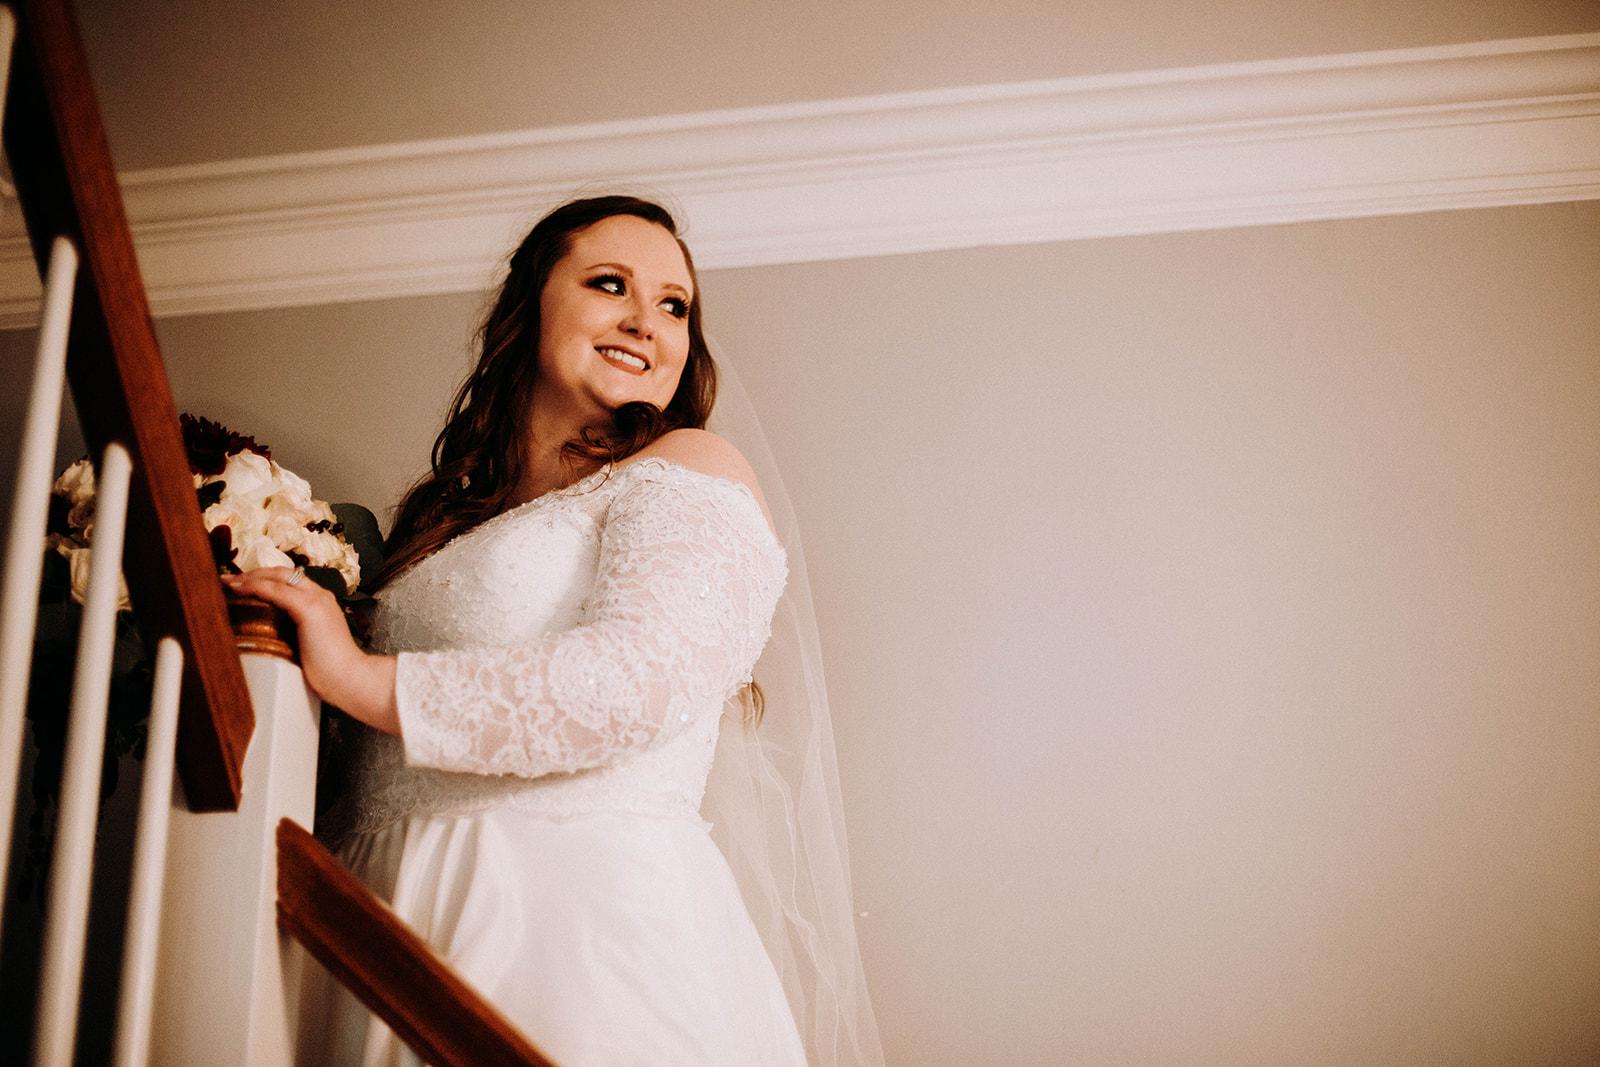 Bride on stairs.jpg